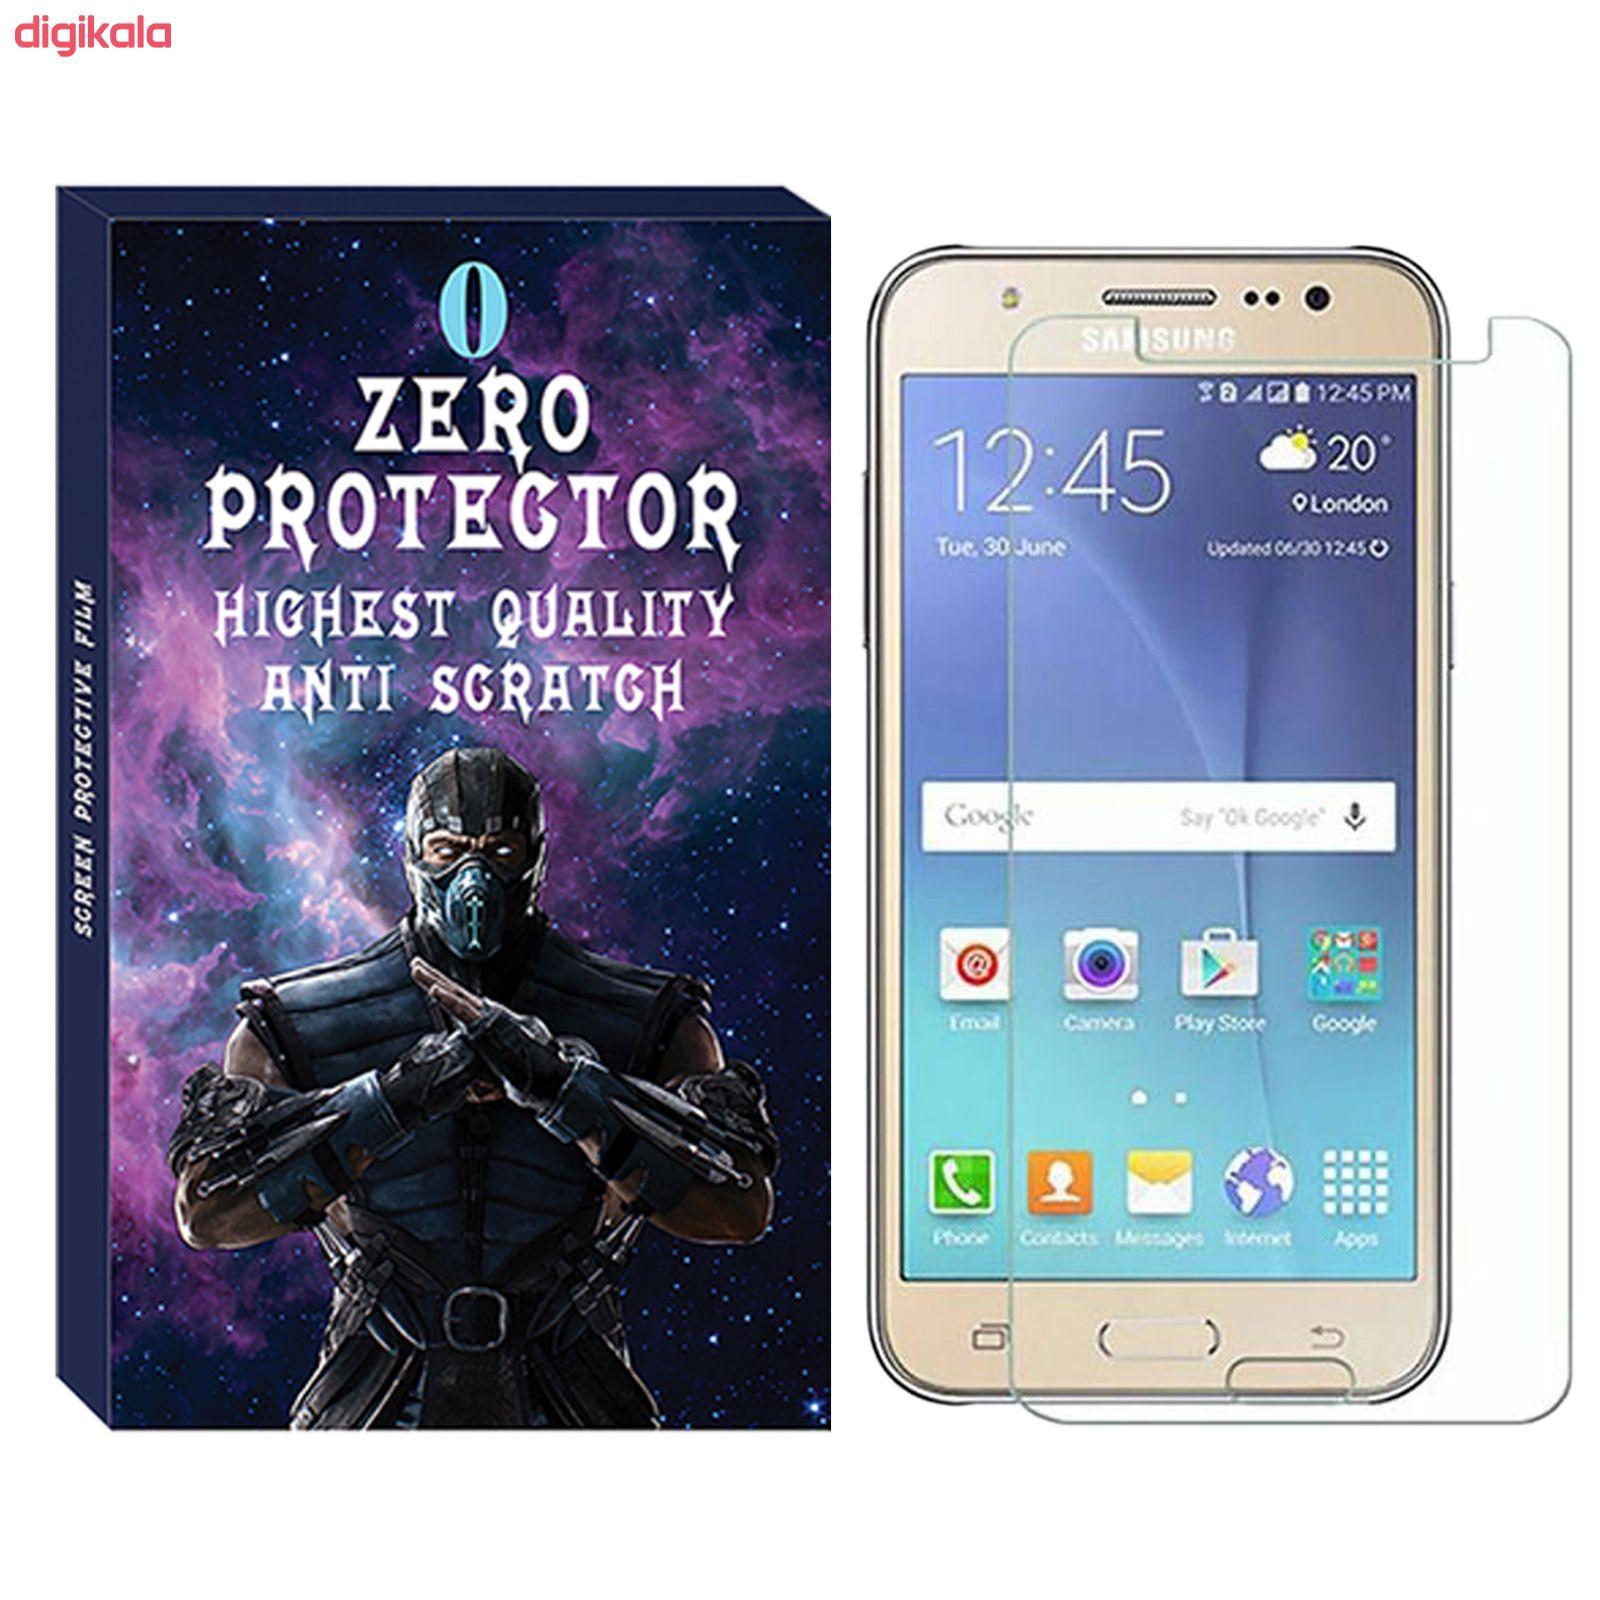 محافظ صفحه نمایش زیرو مدل SDZ-01 مناسب برای گوشی موبایل سامسونگ Galaxy J5 2015 main 1 1